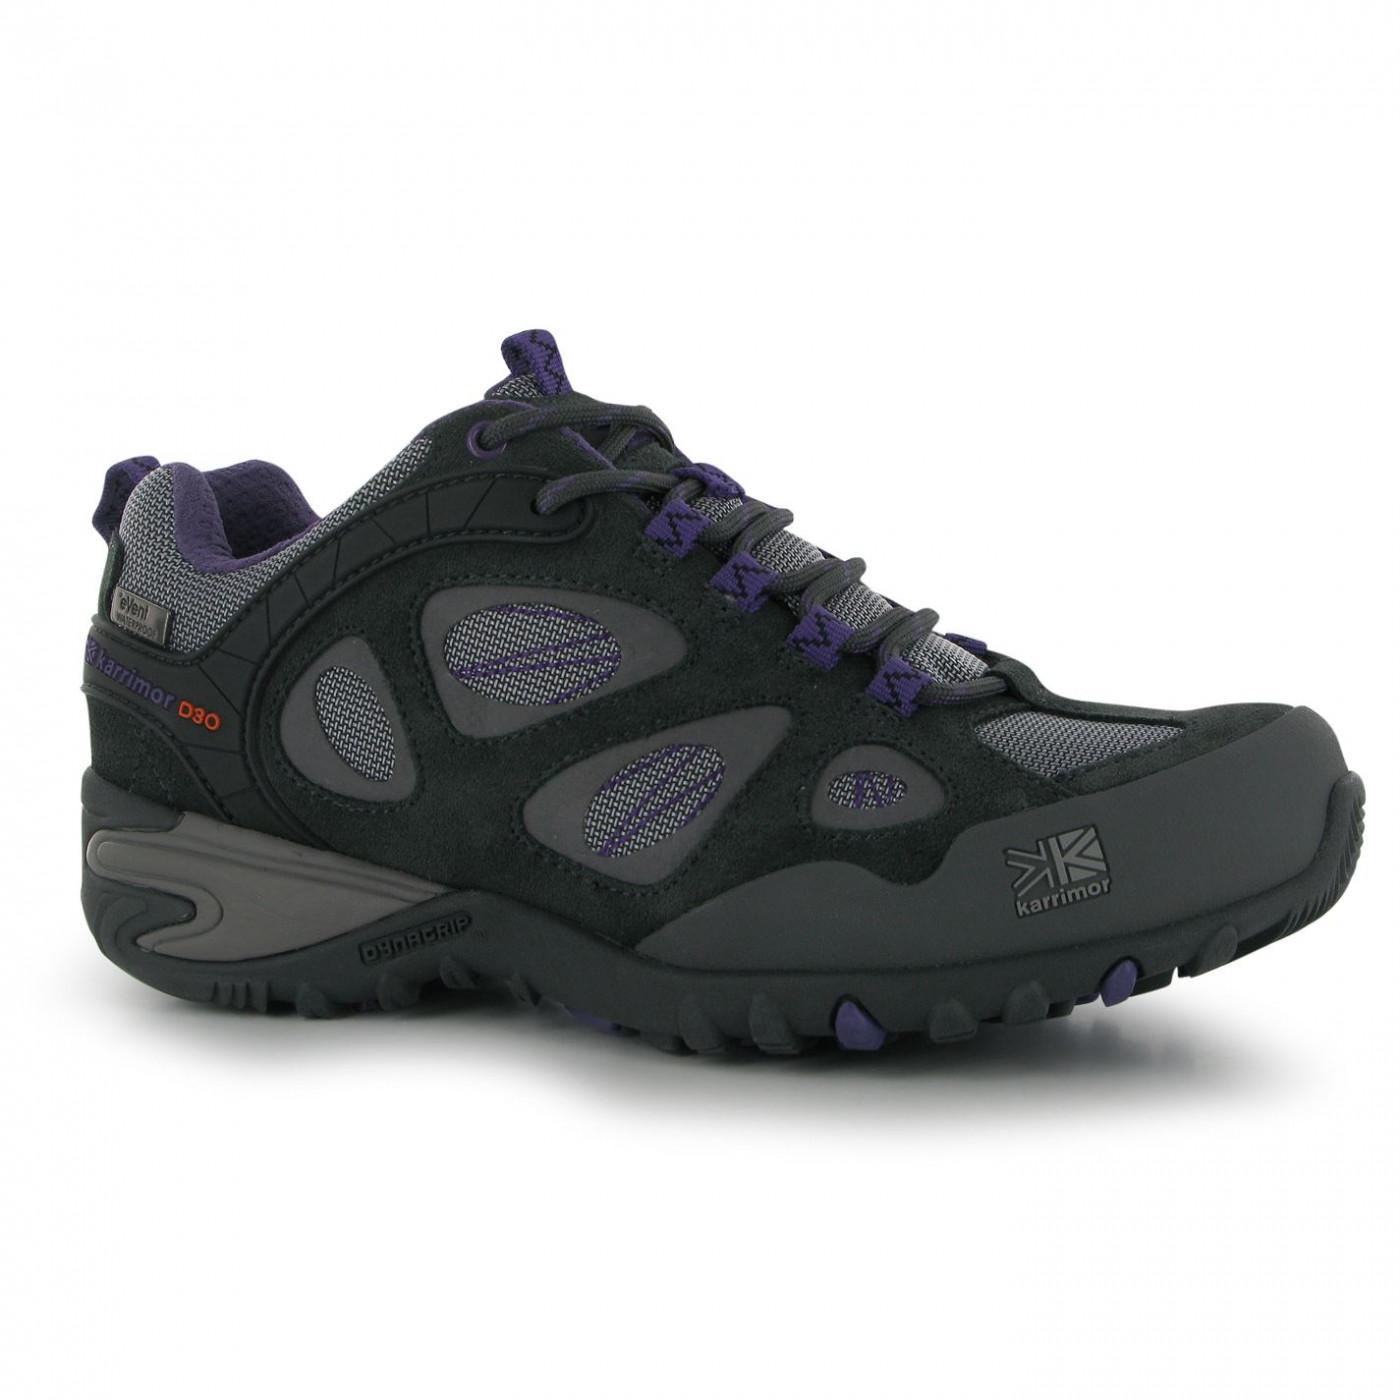 Karrimor Ridge eVent Ladies Walking Shoes